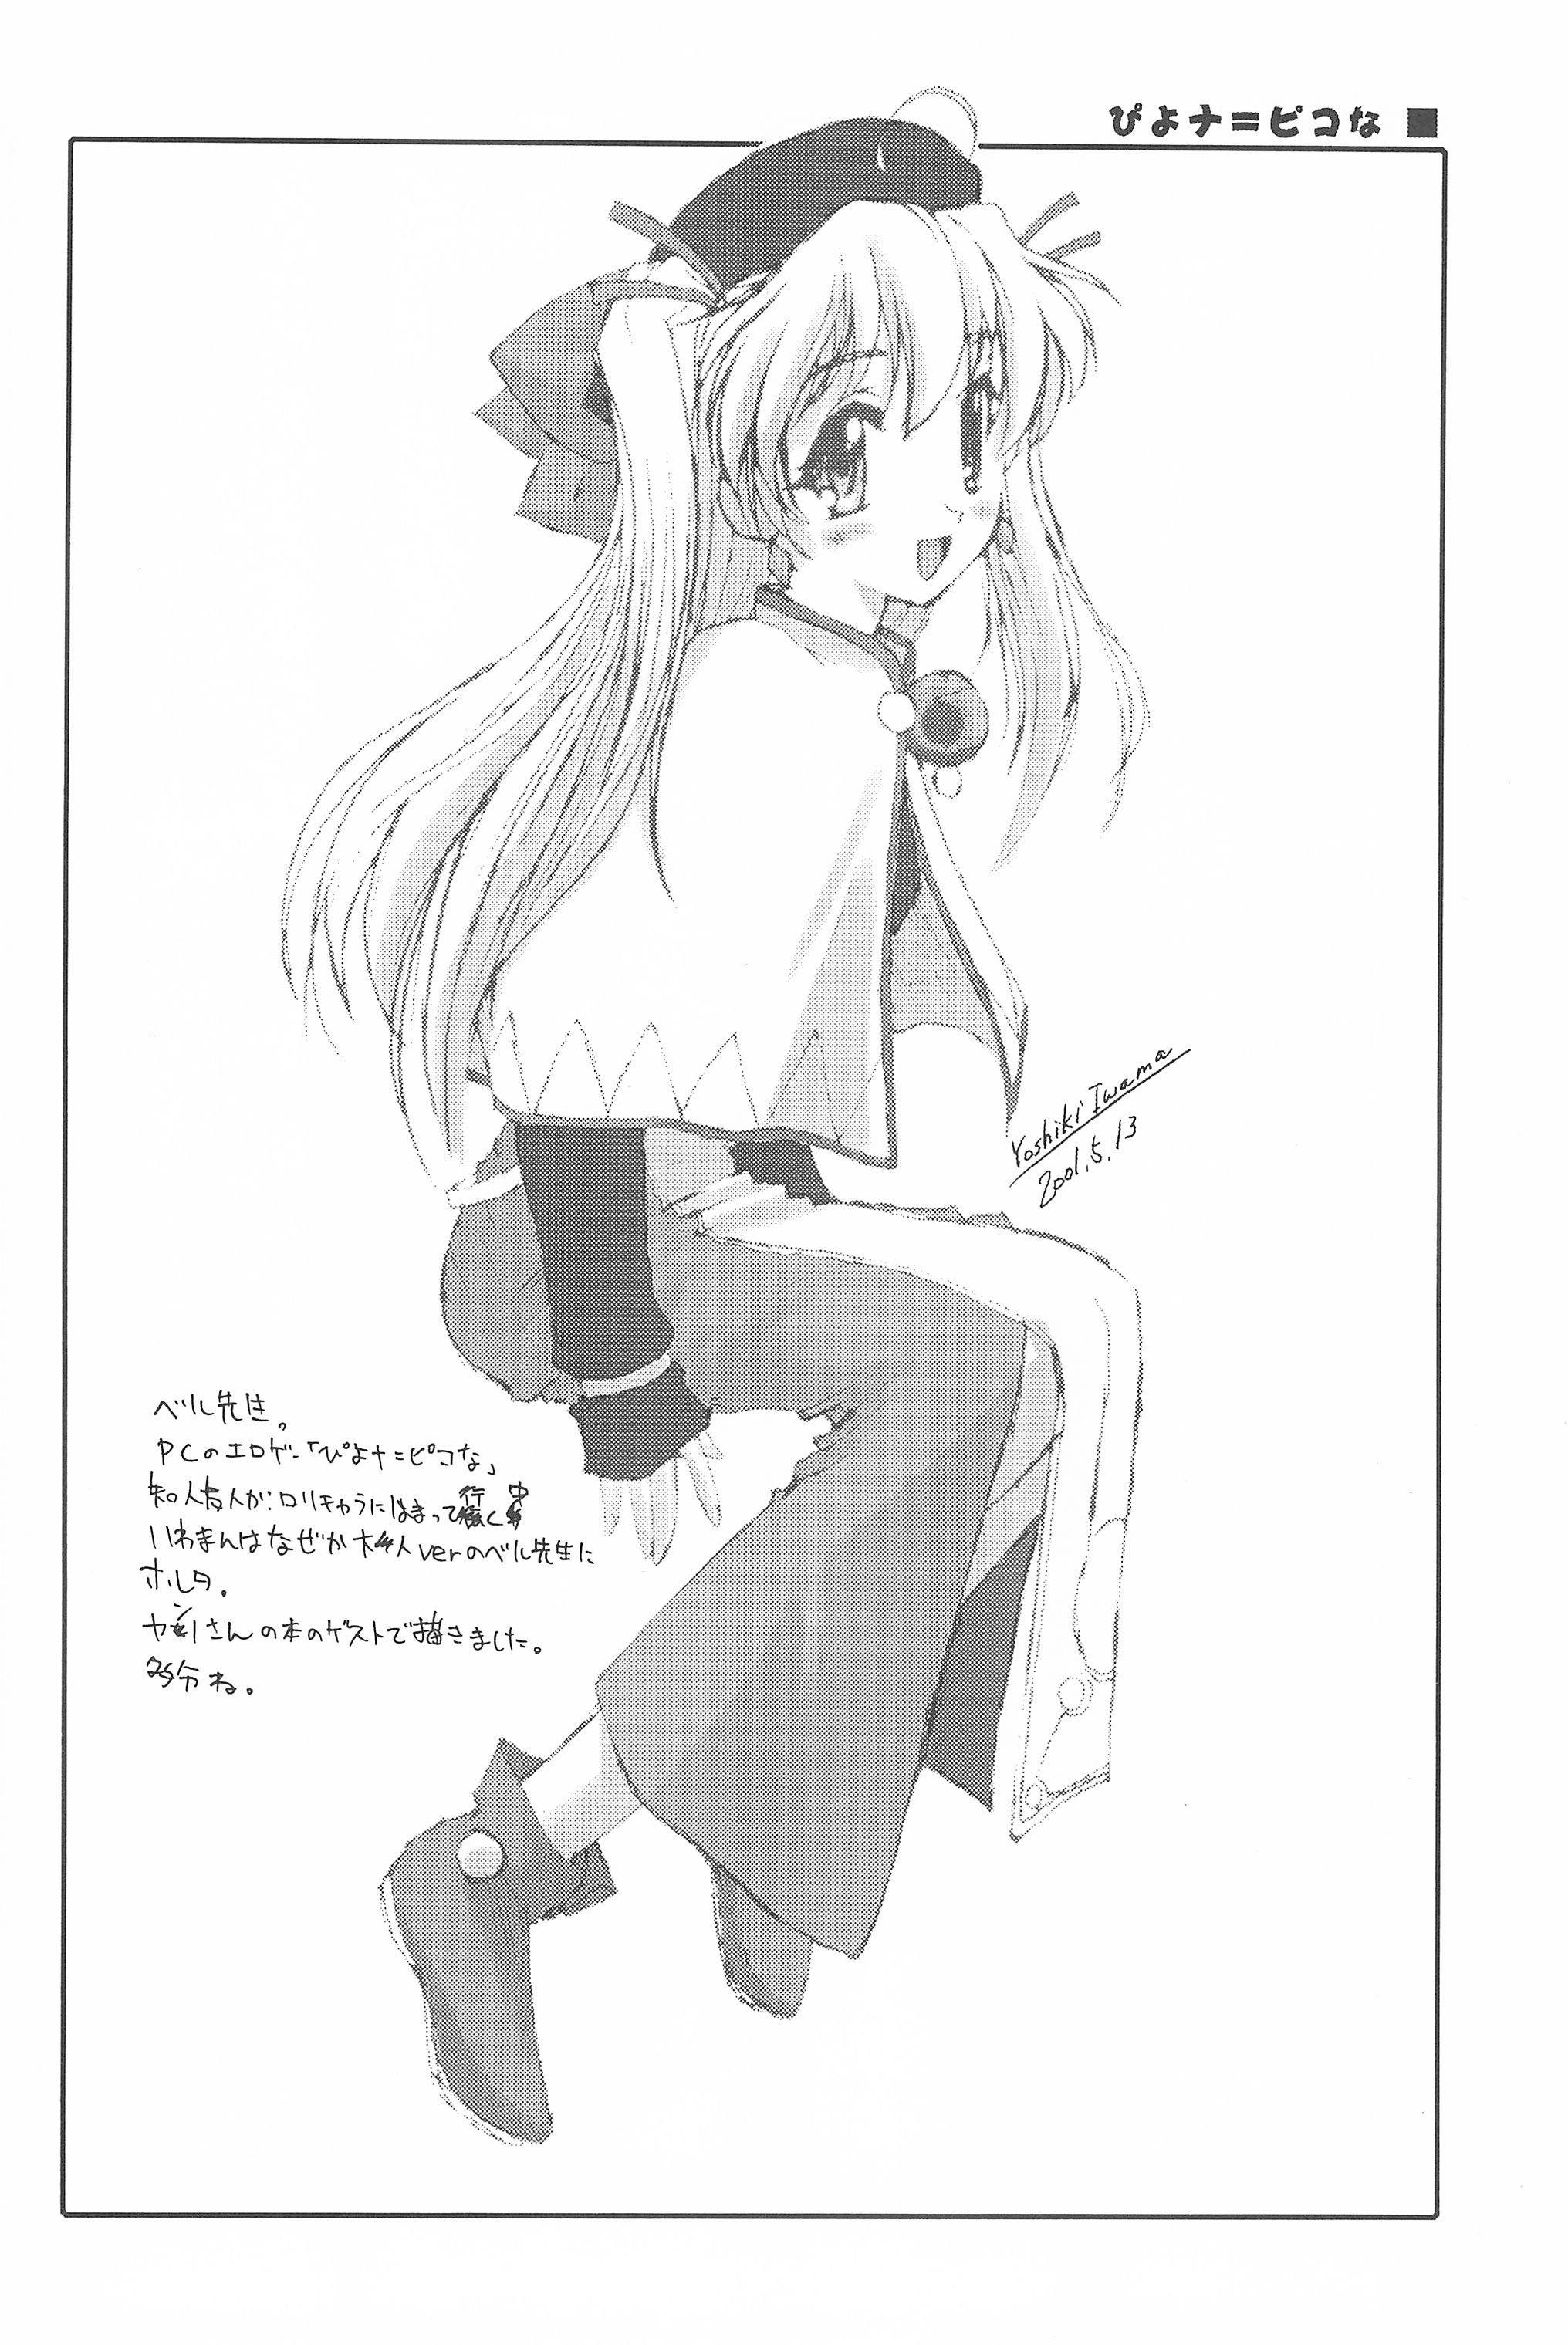 (SC22) [Shinobi no Yakata (Iwama Yoshiki) JEWEL-BOX 10 LOLITA-SARAD (Various) 57